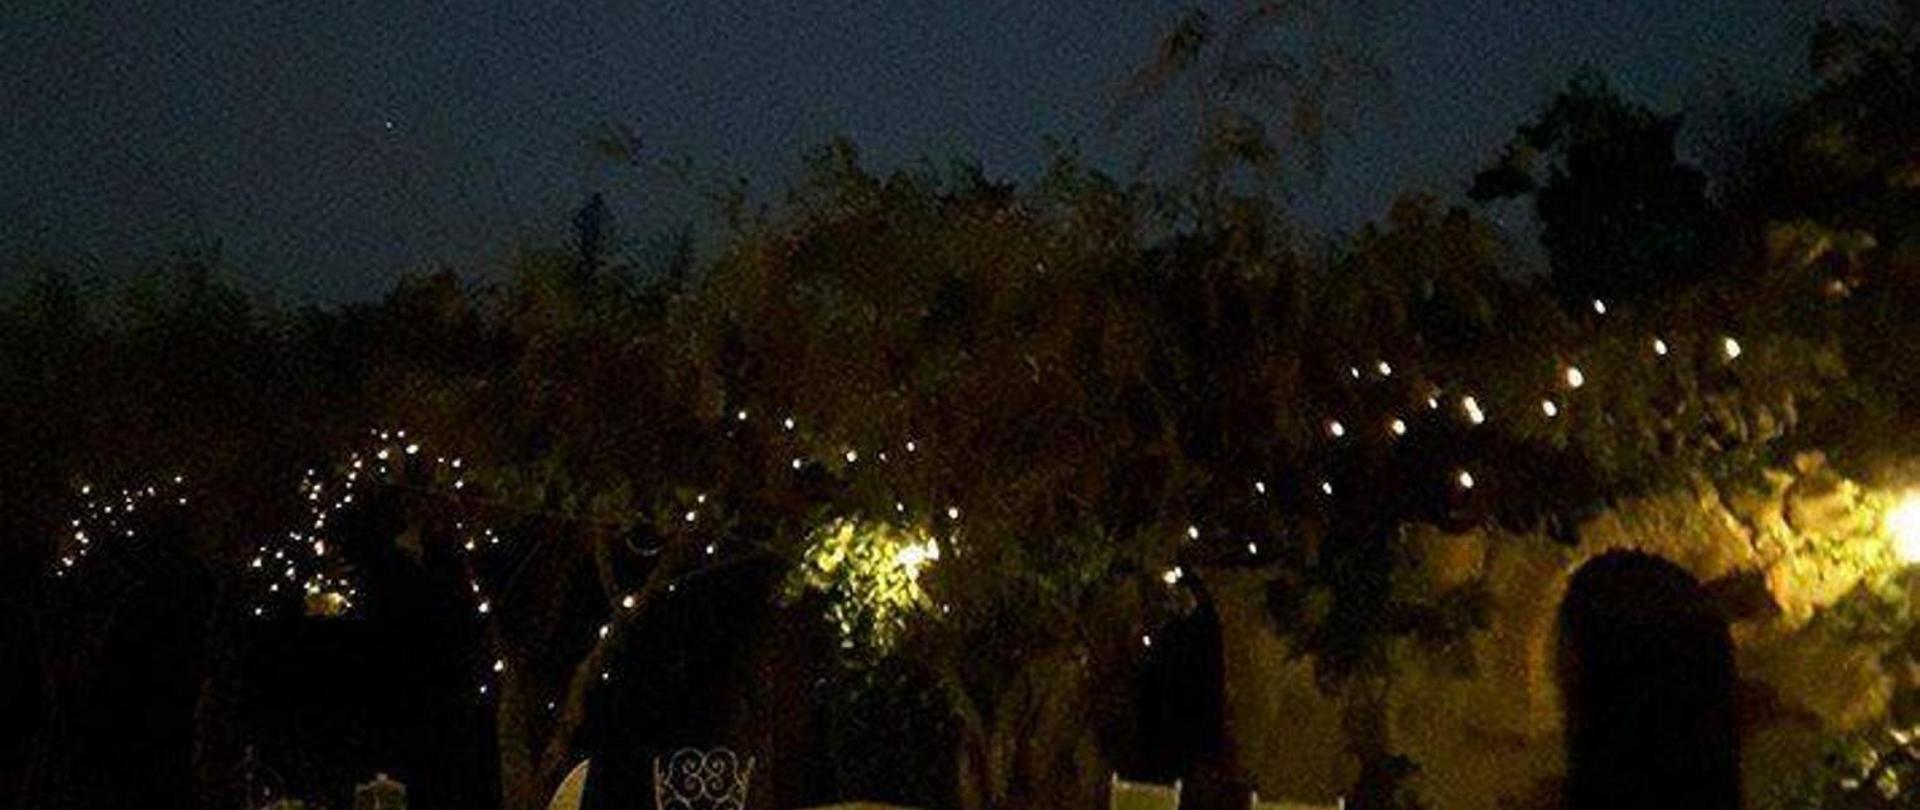 pergola-notte-2.jpg